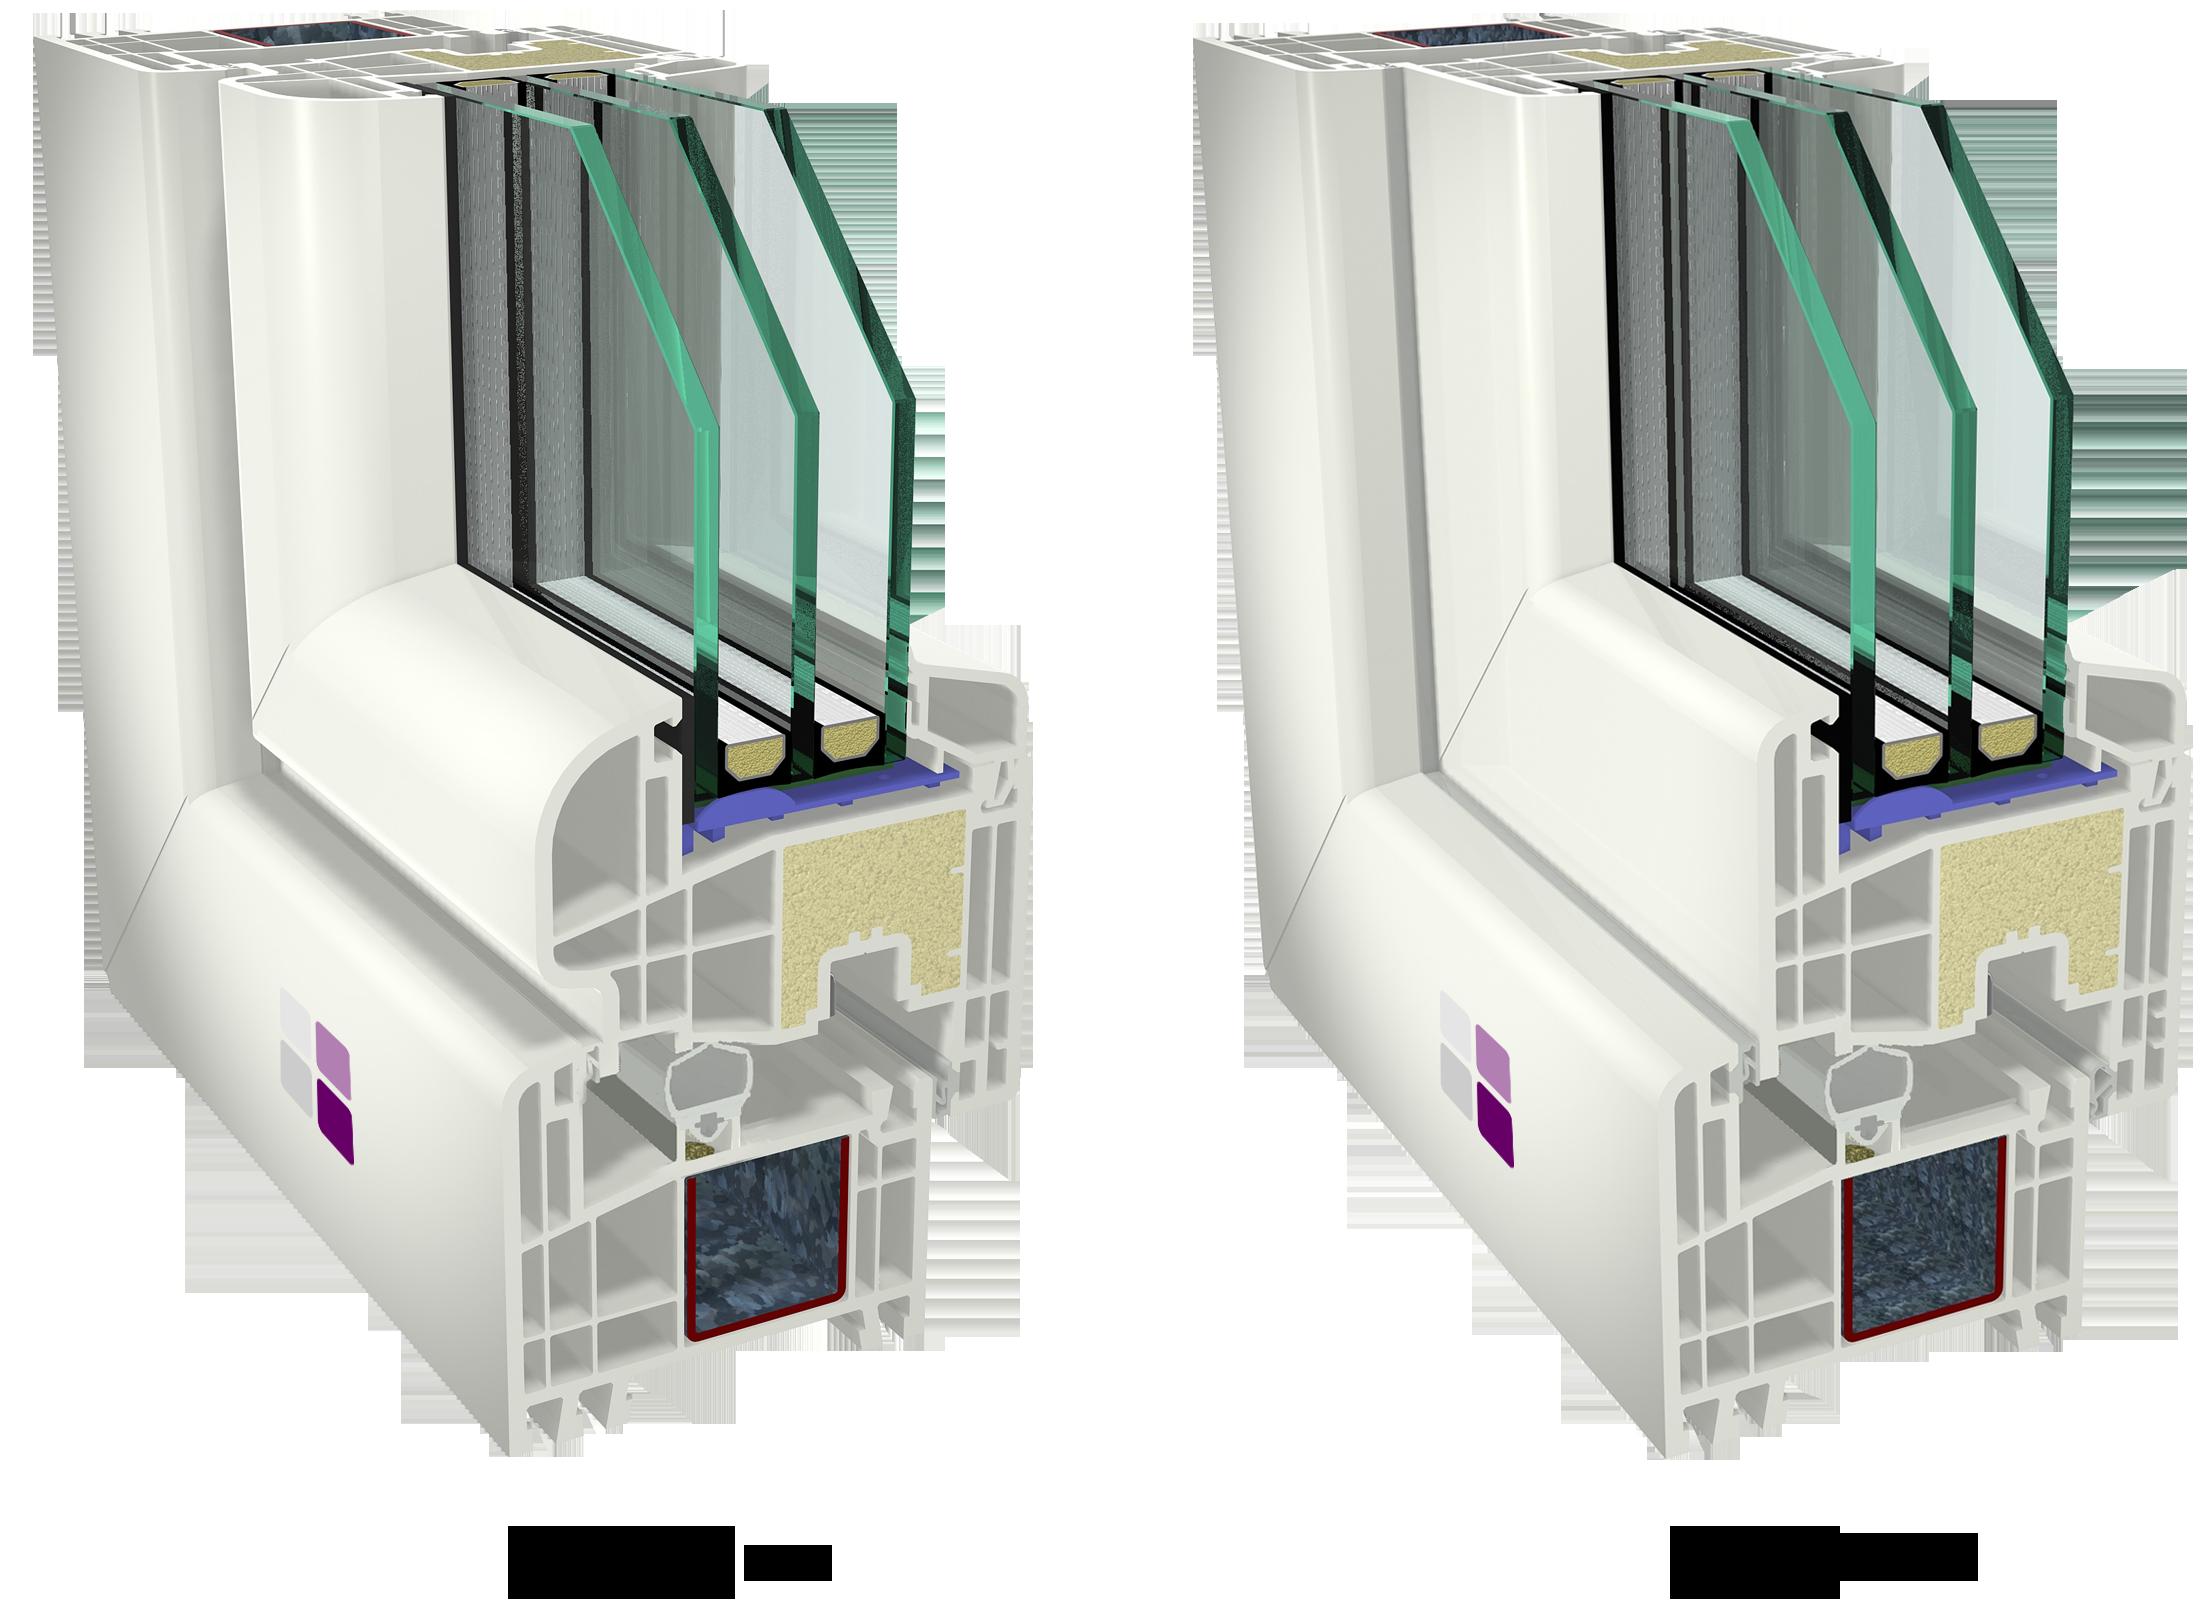 Ventana Válida PVC Térmica con hoja curva y hoja recta. Dos estilos diferentes: clásico u orientado al diseño.